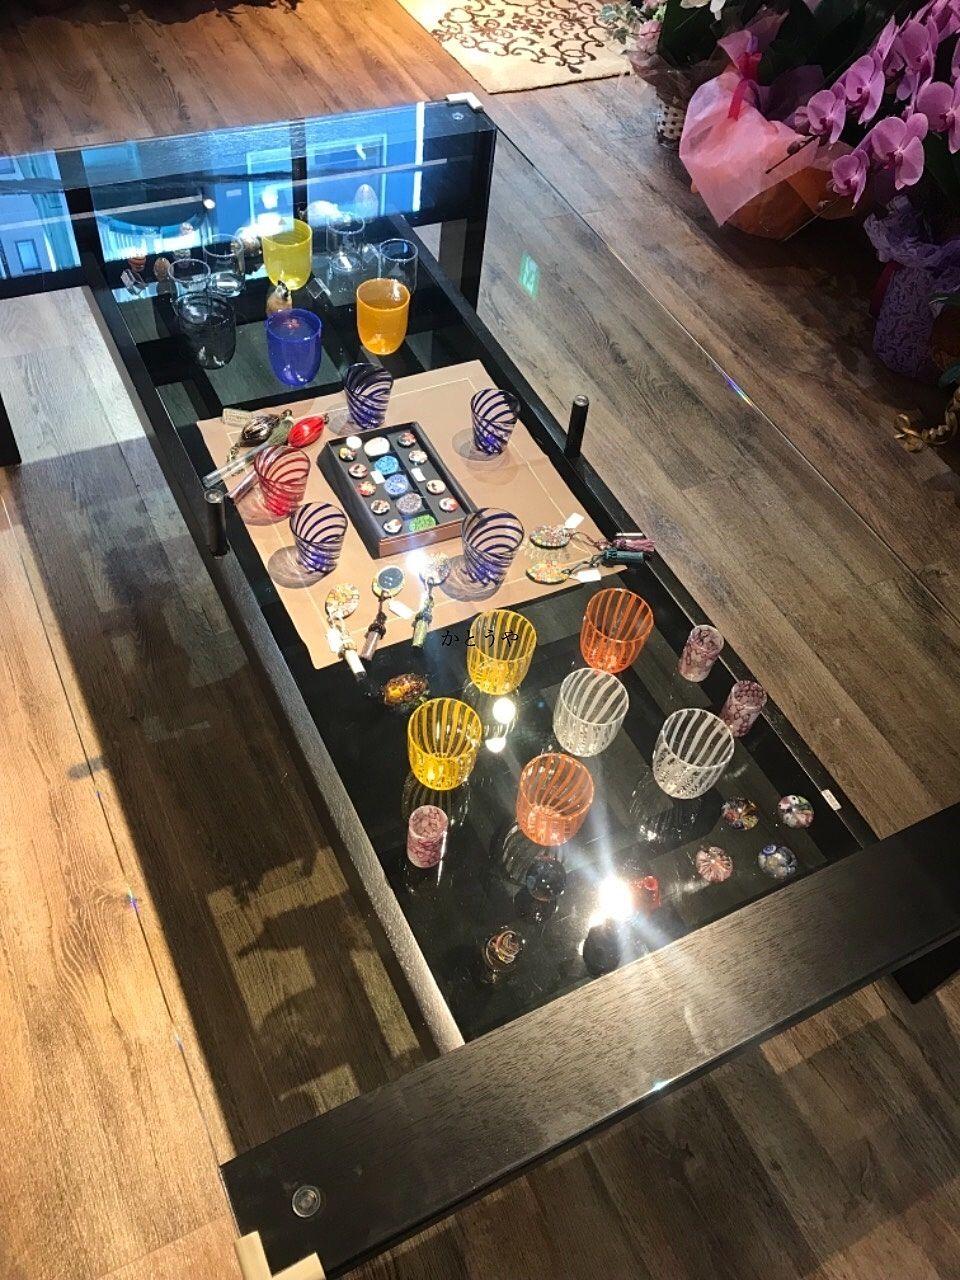 こんにちは、かとうや藤原です。お世話になっている方が11/7に東京の本郷2丁目にオープンされたヴェネツィアングラスのお店に遊びに行きました!